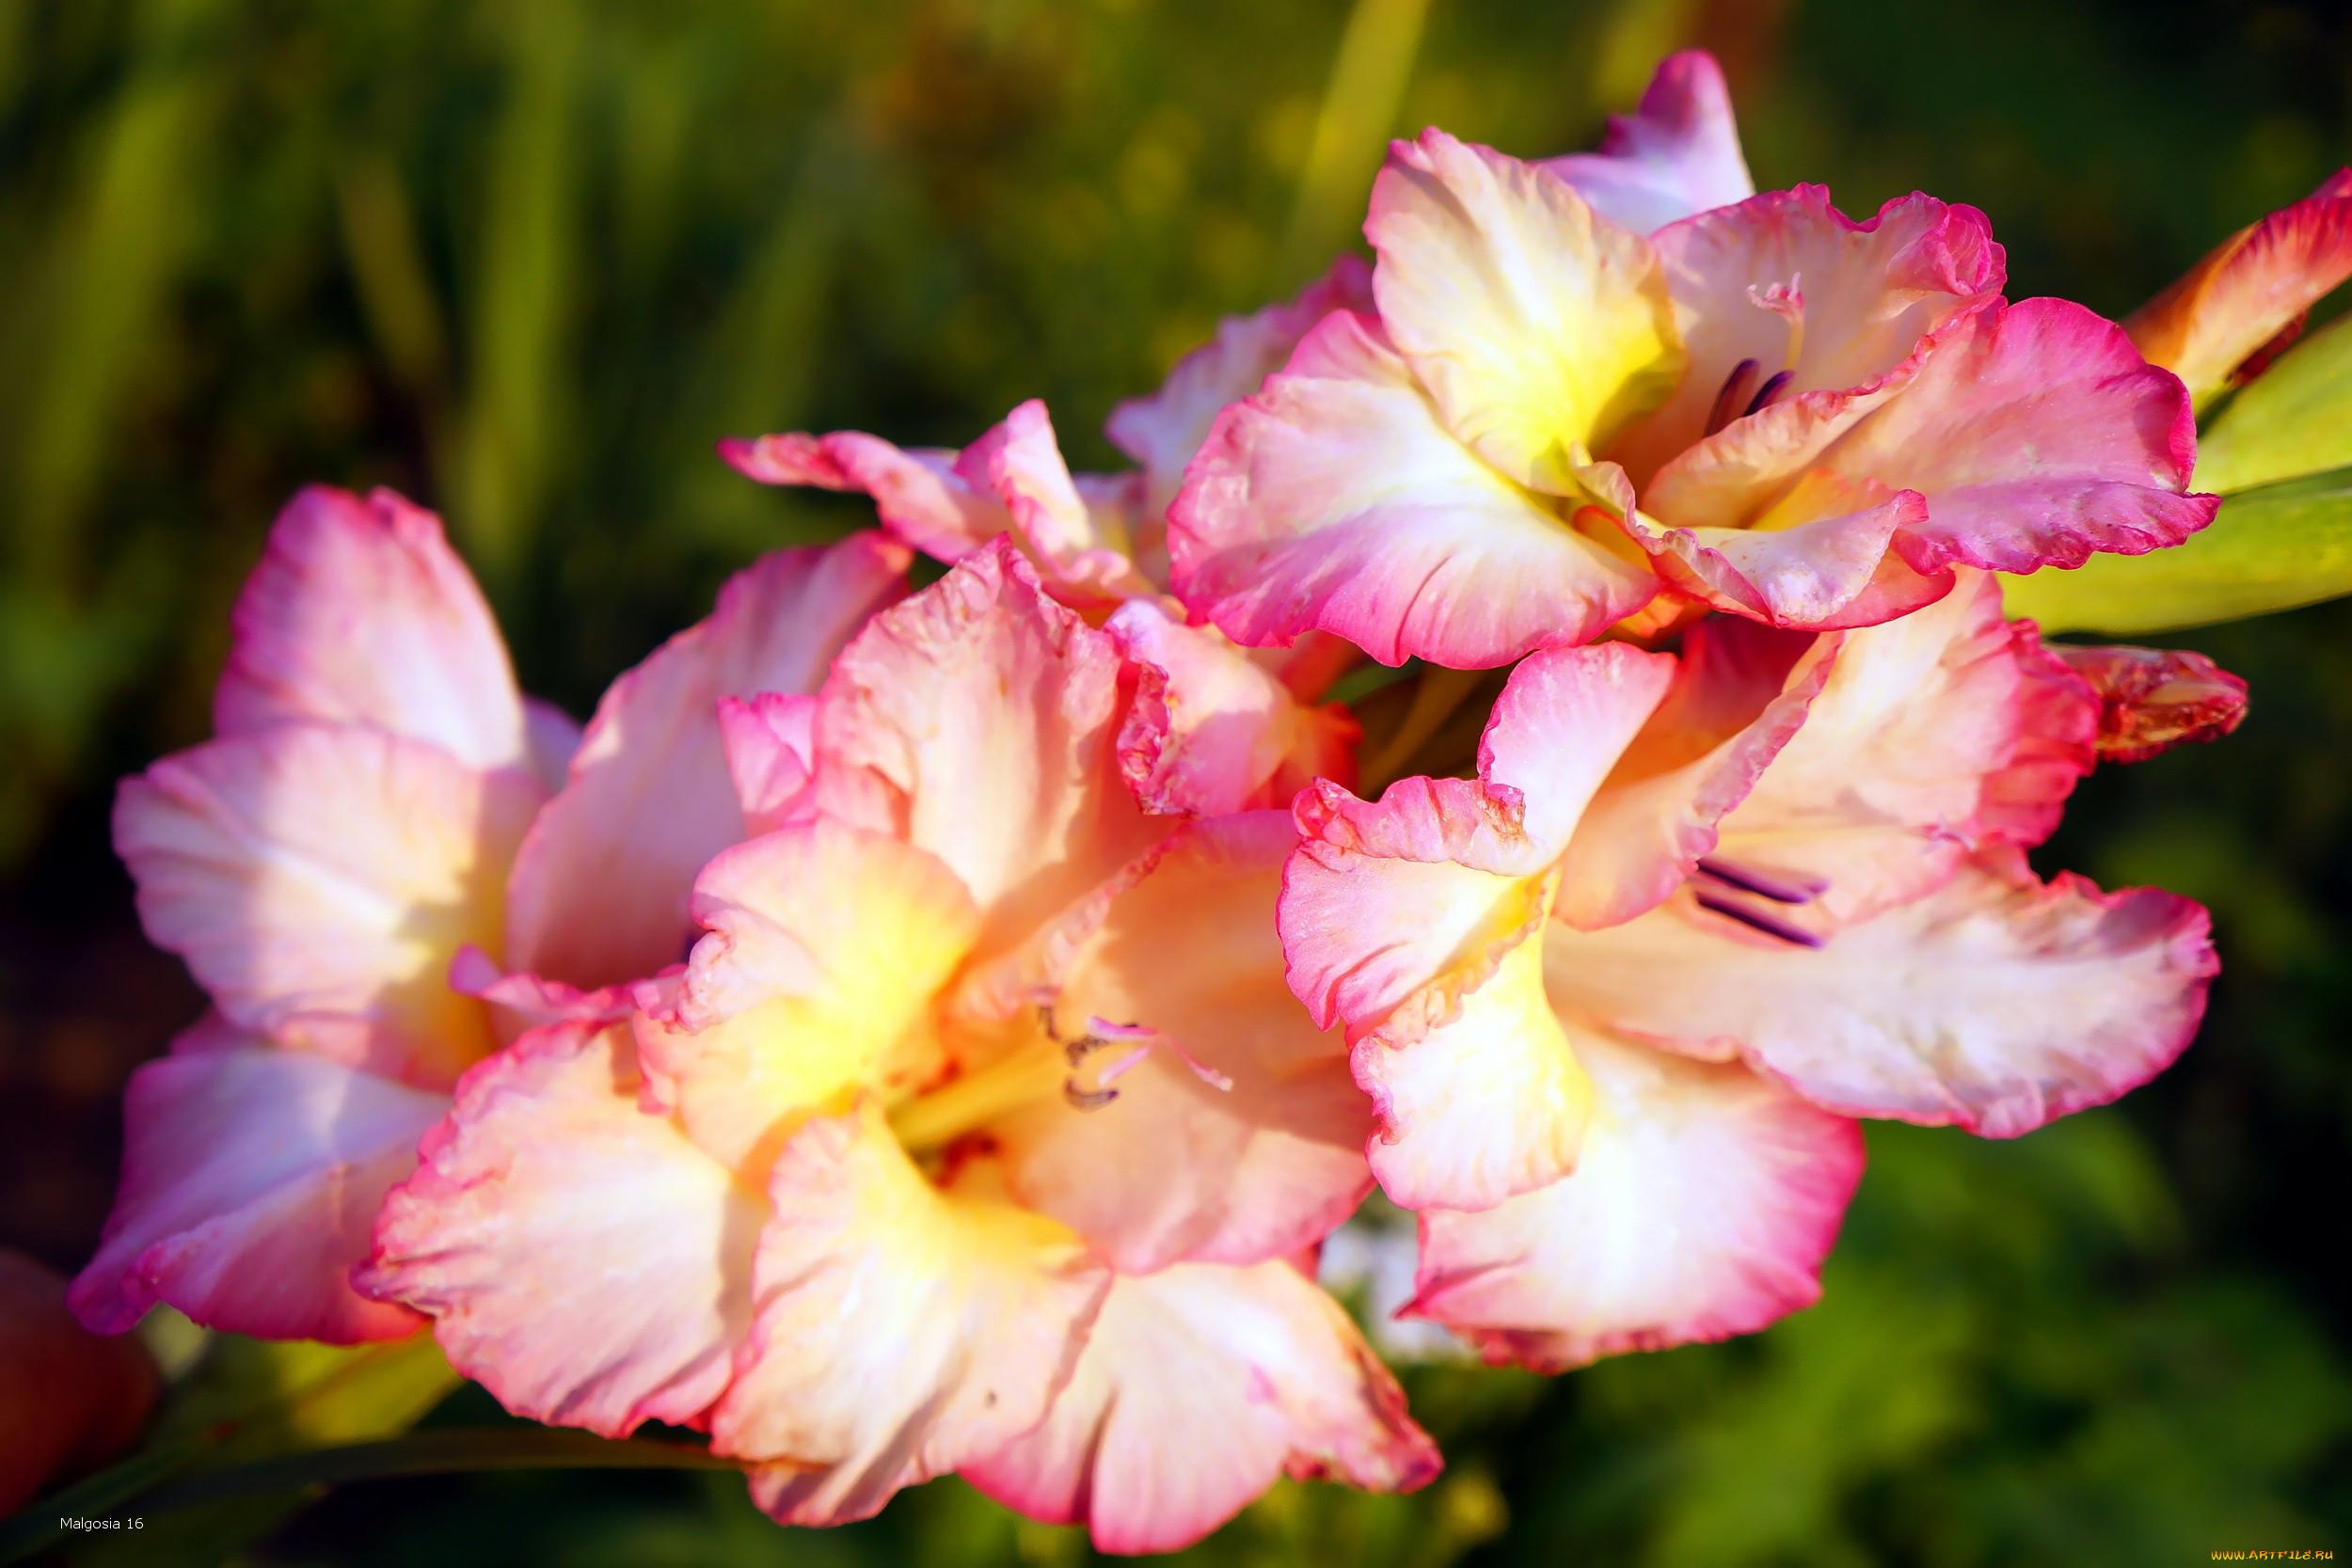 световой импульс открытки цветы гладиолусы нет